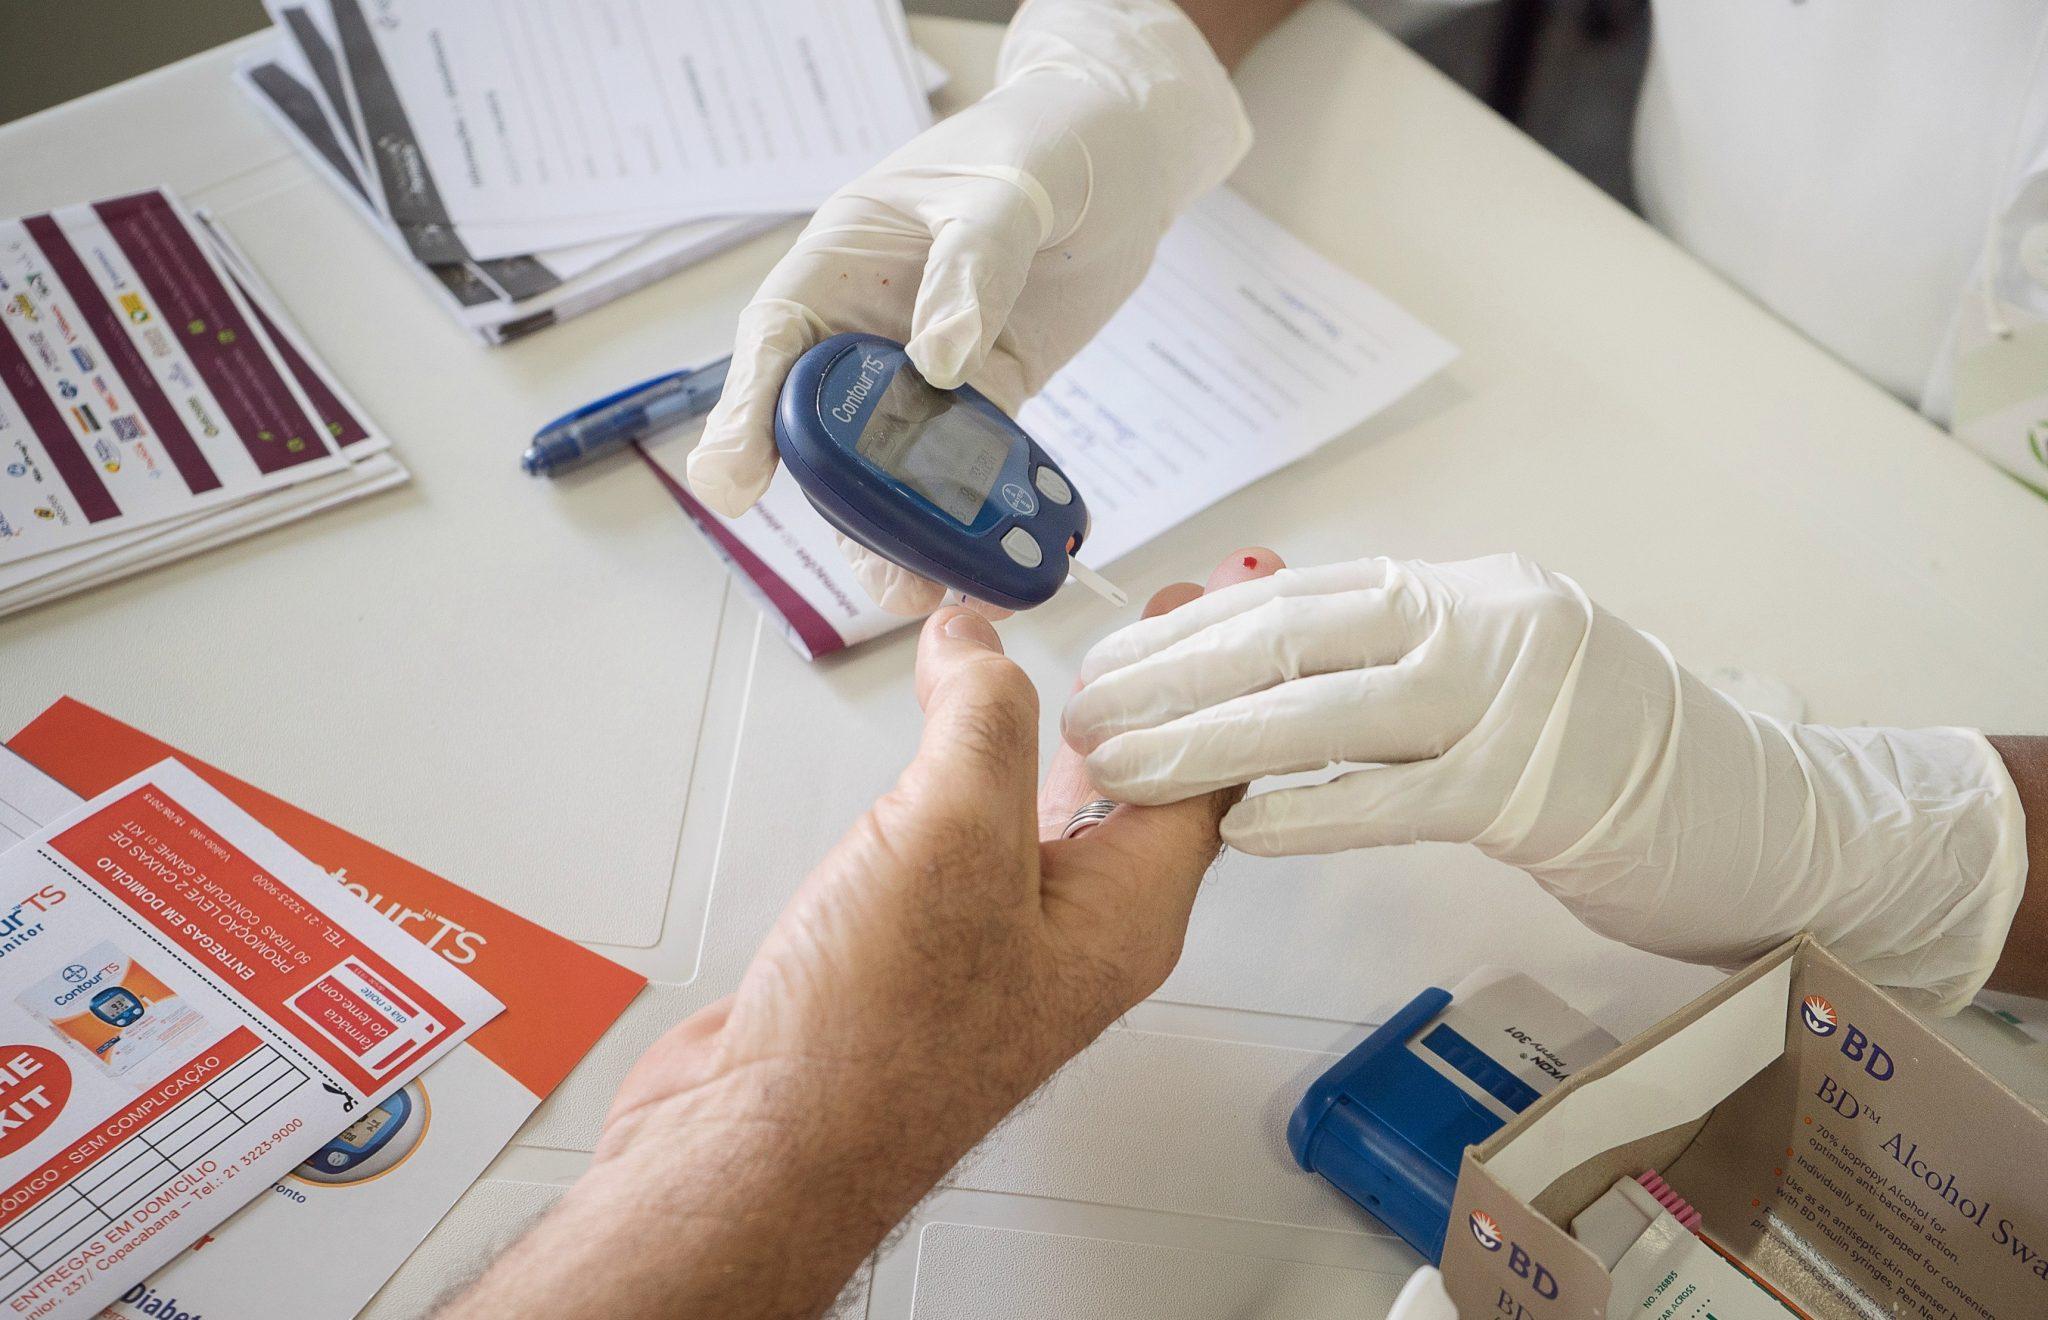 Serviços clínicos estouram em farmácias independentes